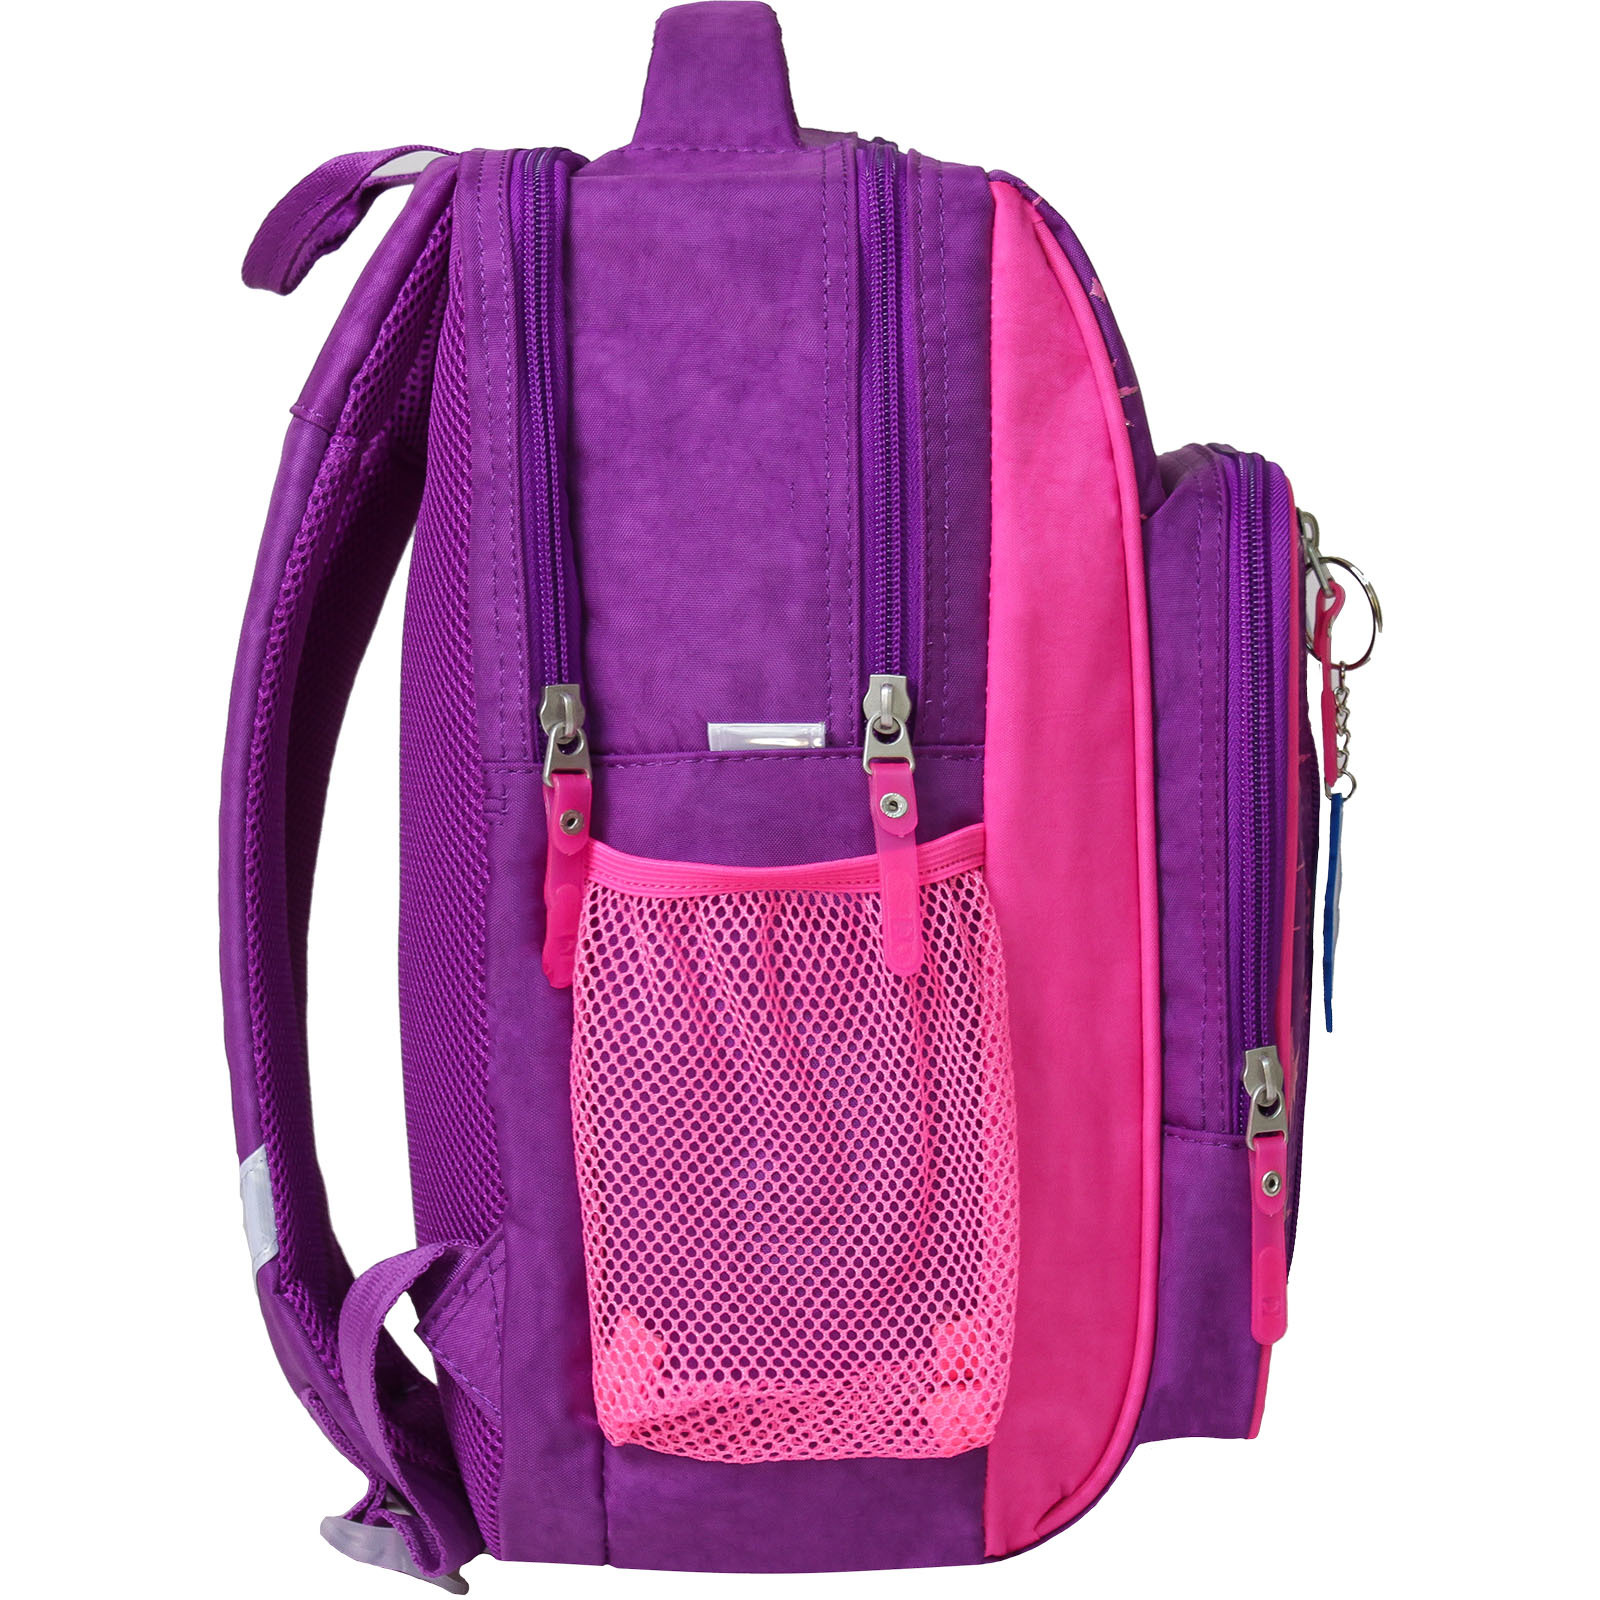 Рюкзак школьный Bagland Школьник 8 л. фиолетовый 387 (0012870)